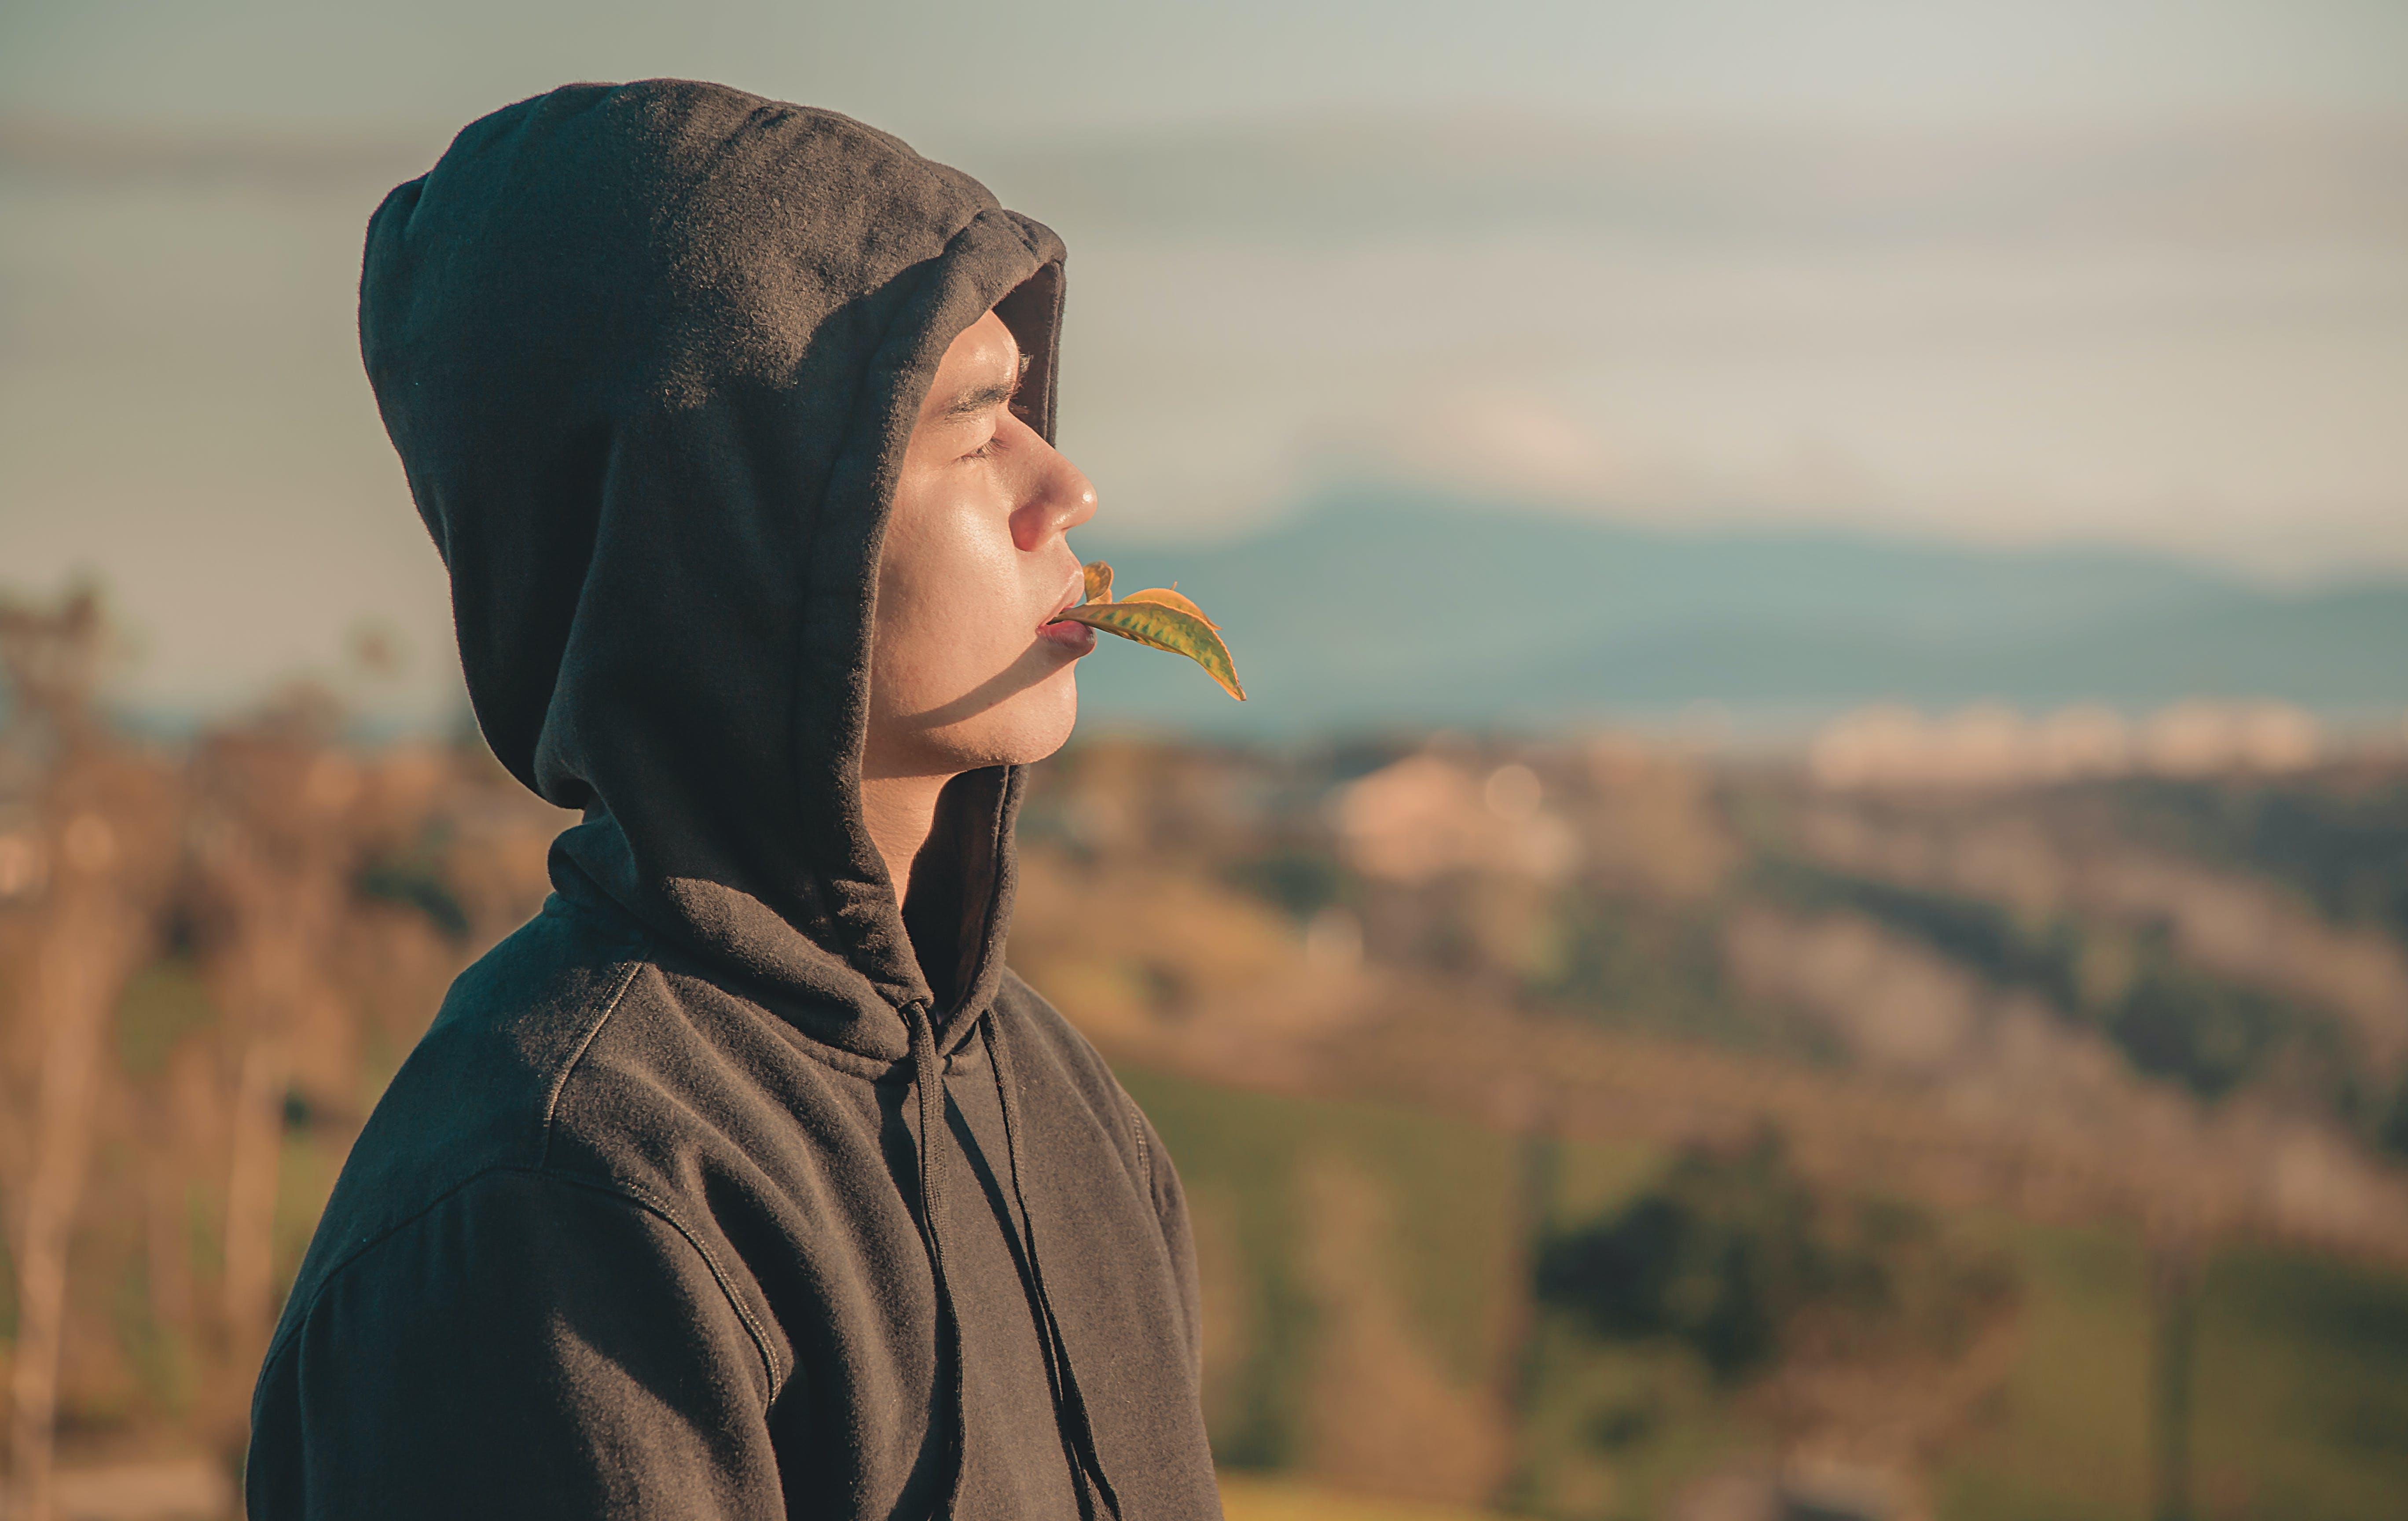 アジア人の少年, フード付きセーター, 人, 側面図の無料の写真素材